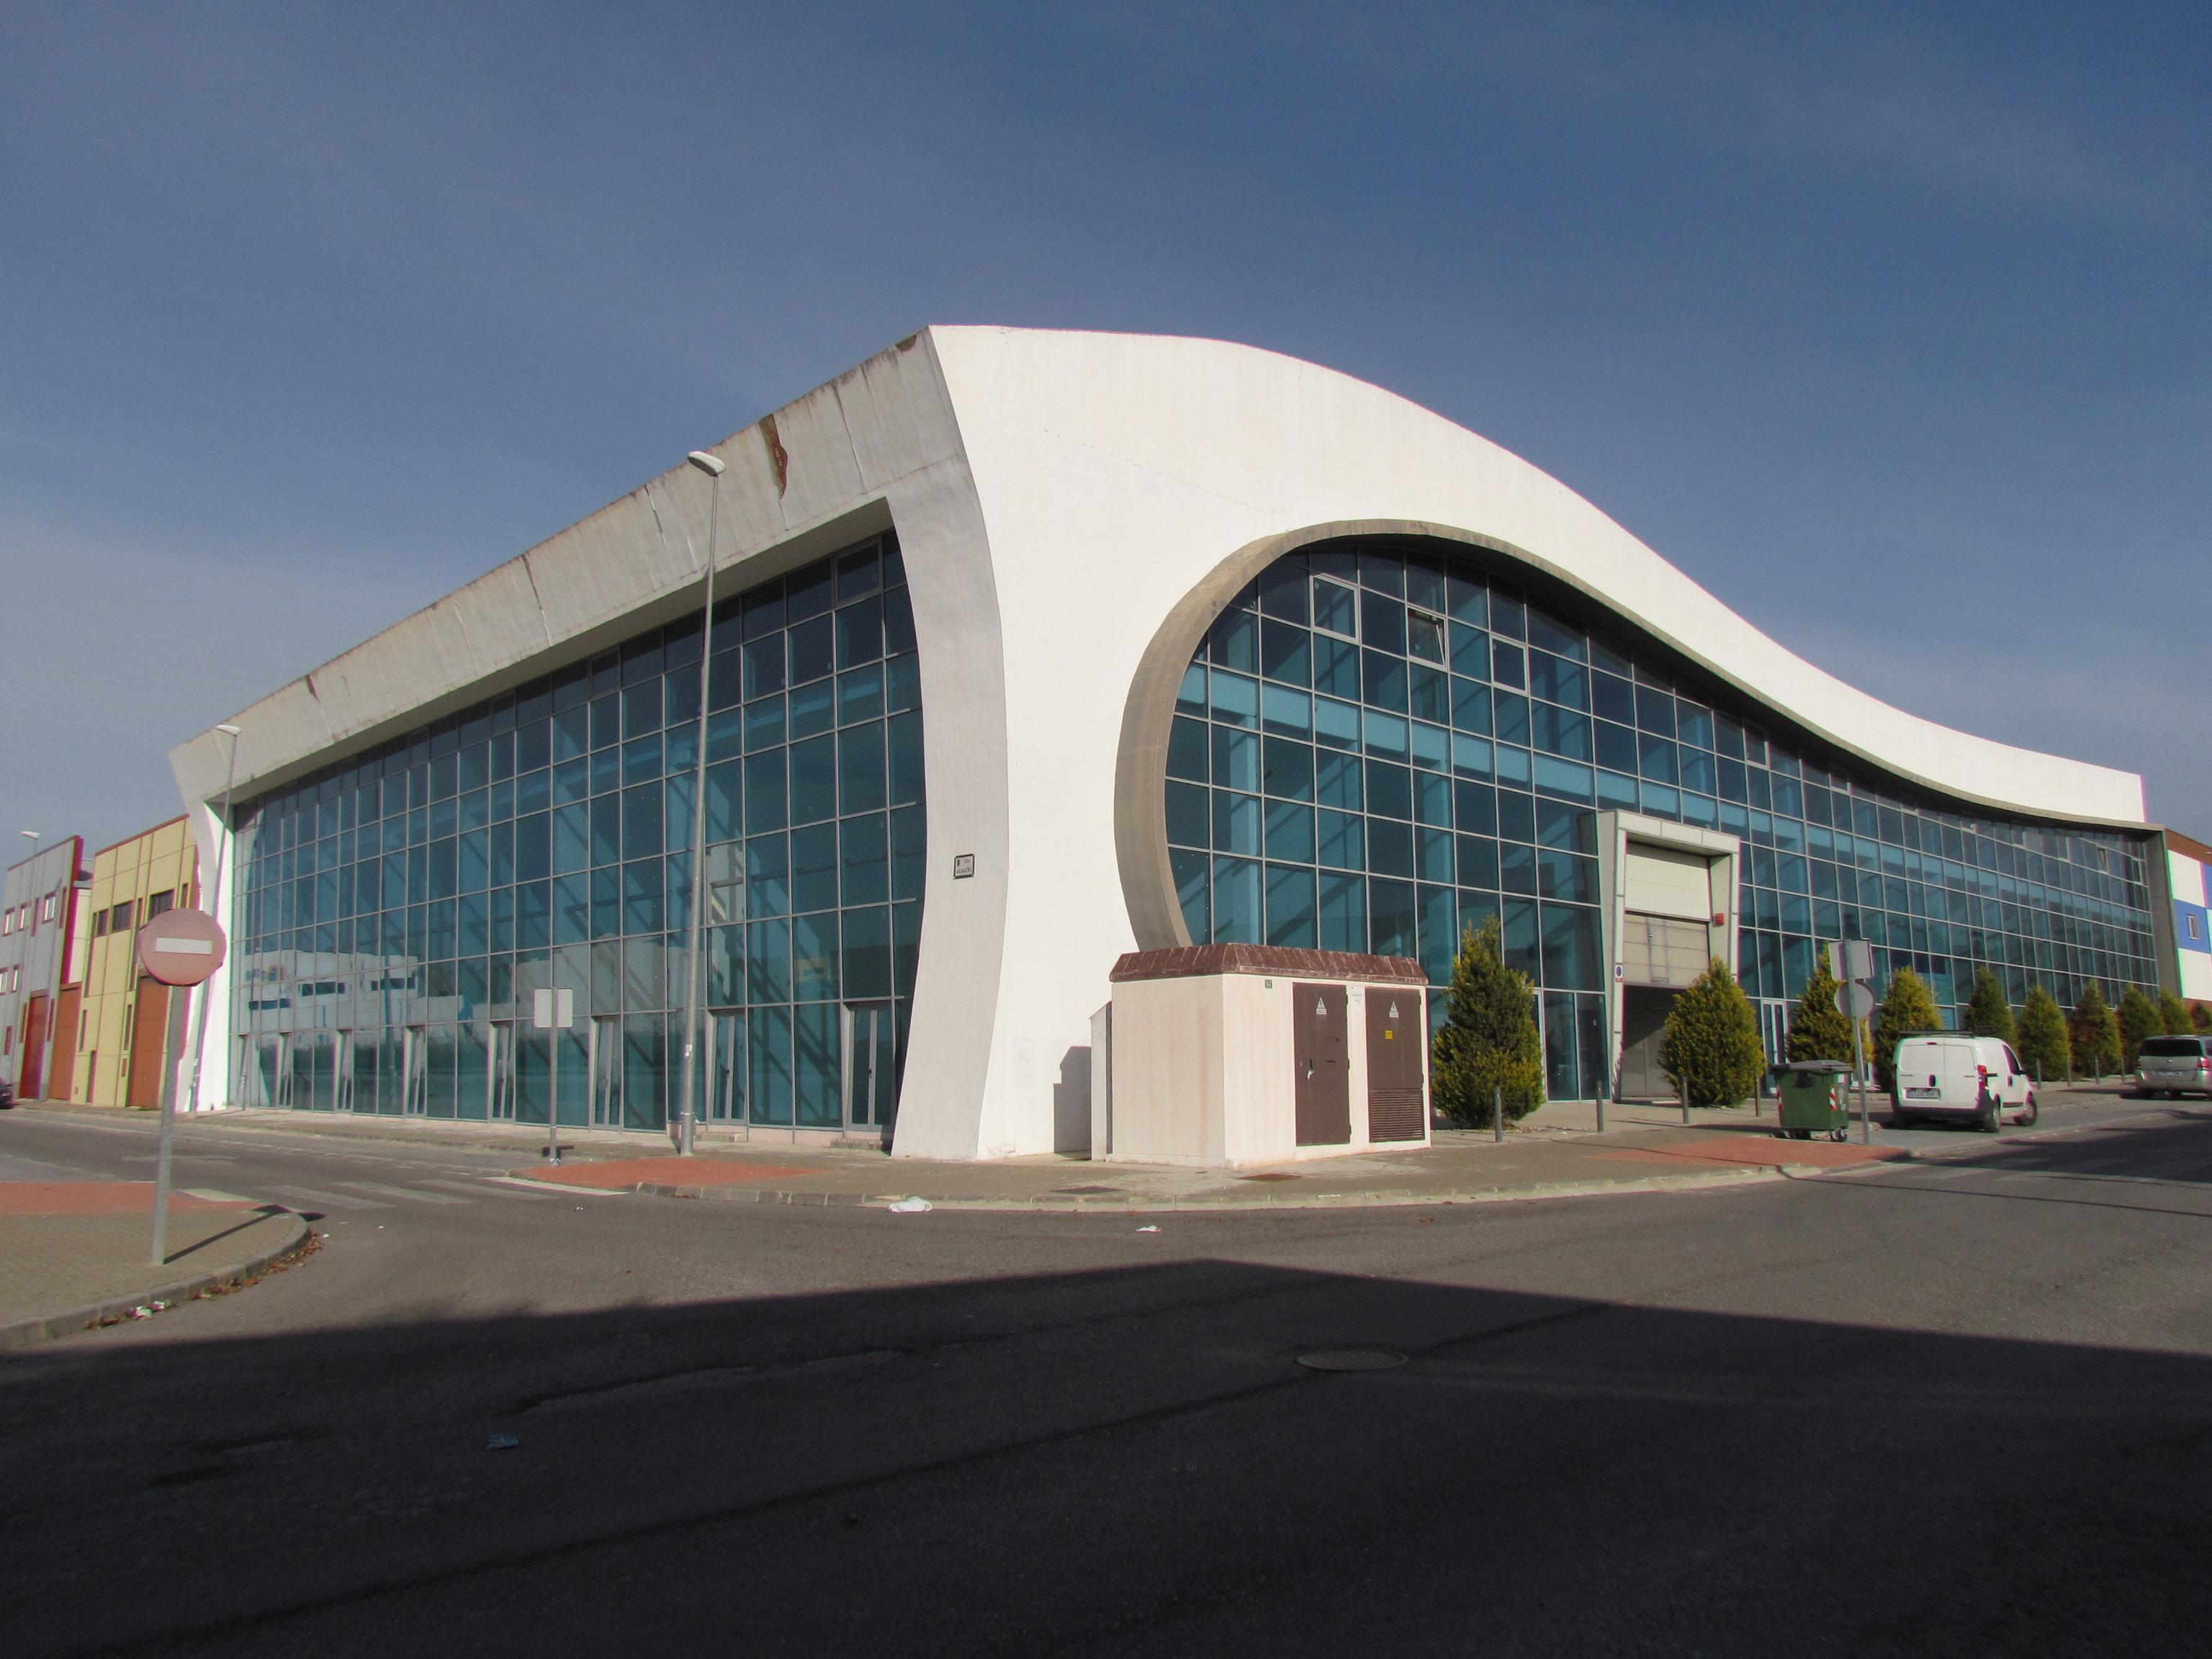 edificio-ulises-garajes-y-almacenes-4408